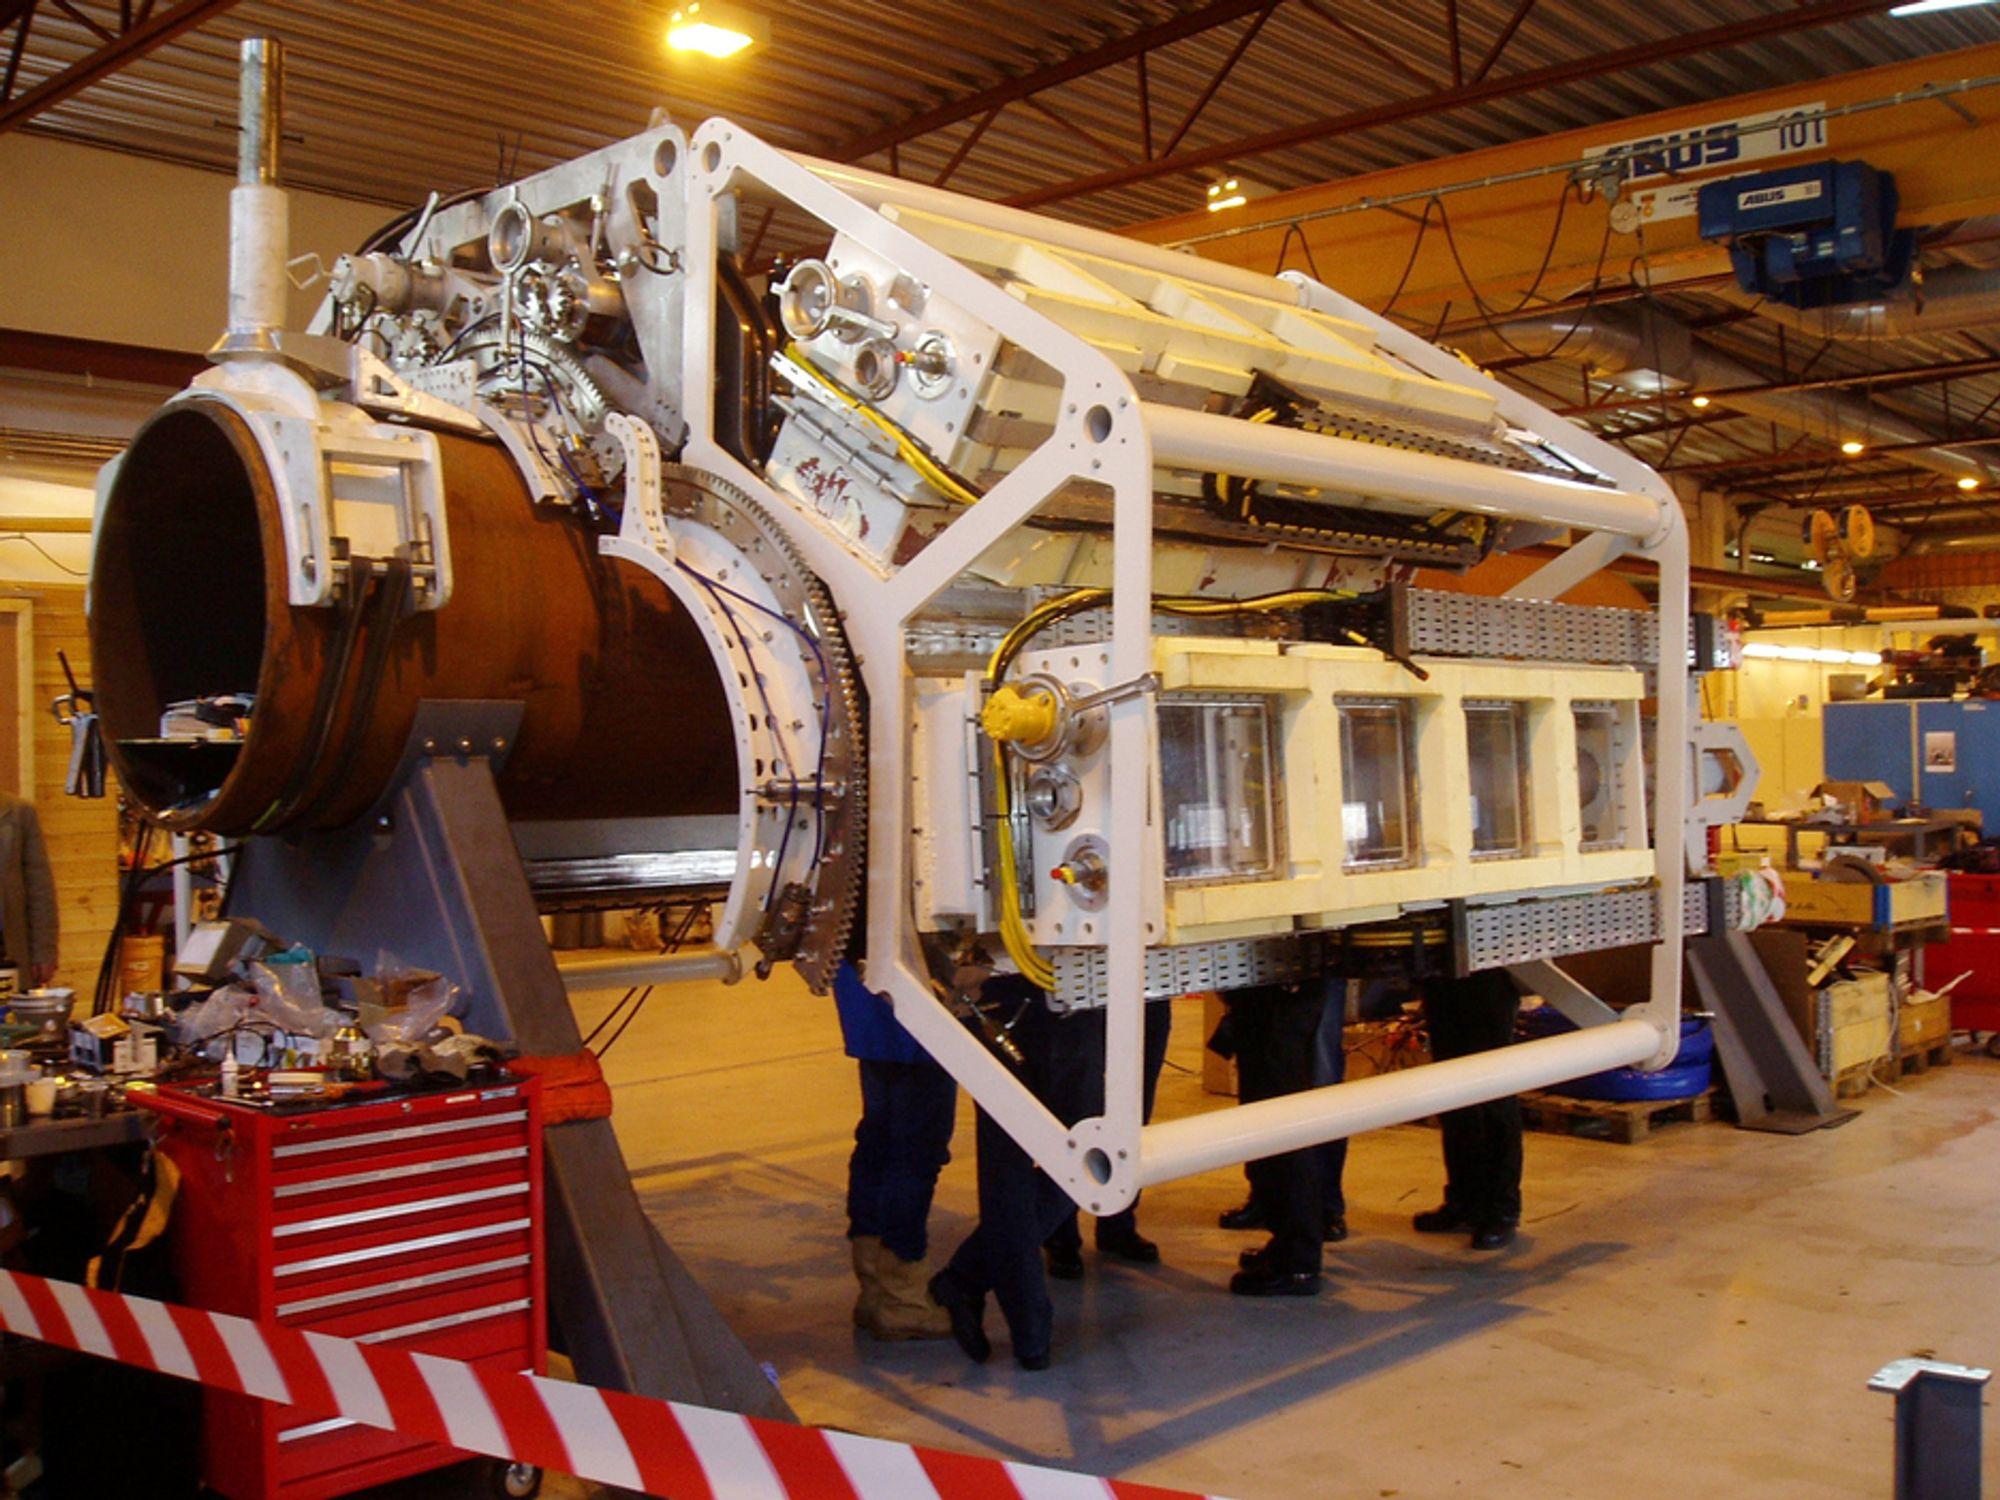 DET MESTE: Verkstedbedriften Malm Orstad lager det meste fra bunnen av, alt fra enkle braketter til kompliserte maskiner som undervannsfarkoster og avanserte vedlikeholdsløsninger til oljebrønner.FOTO: PRESSEKANALEN